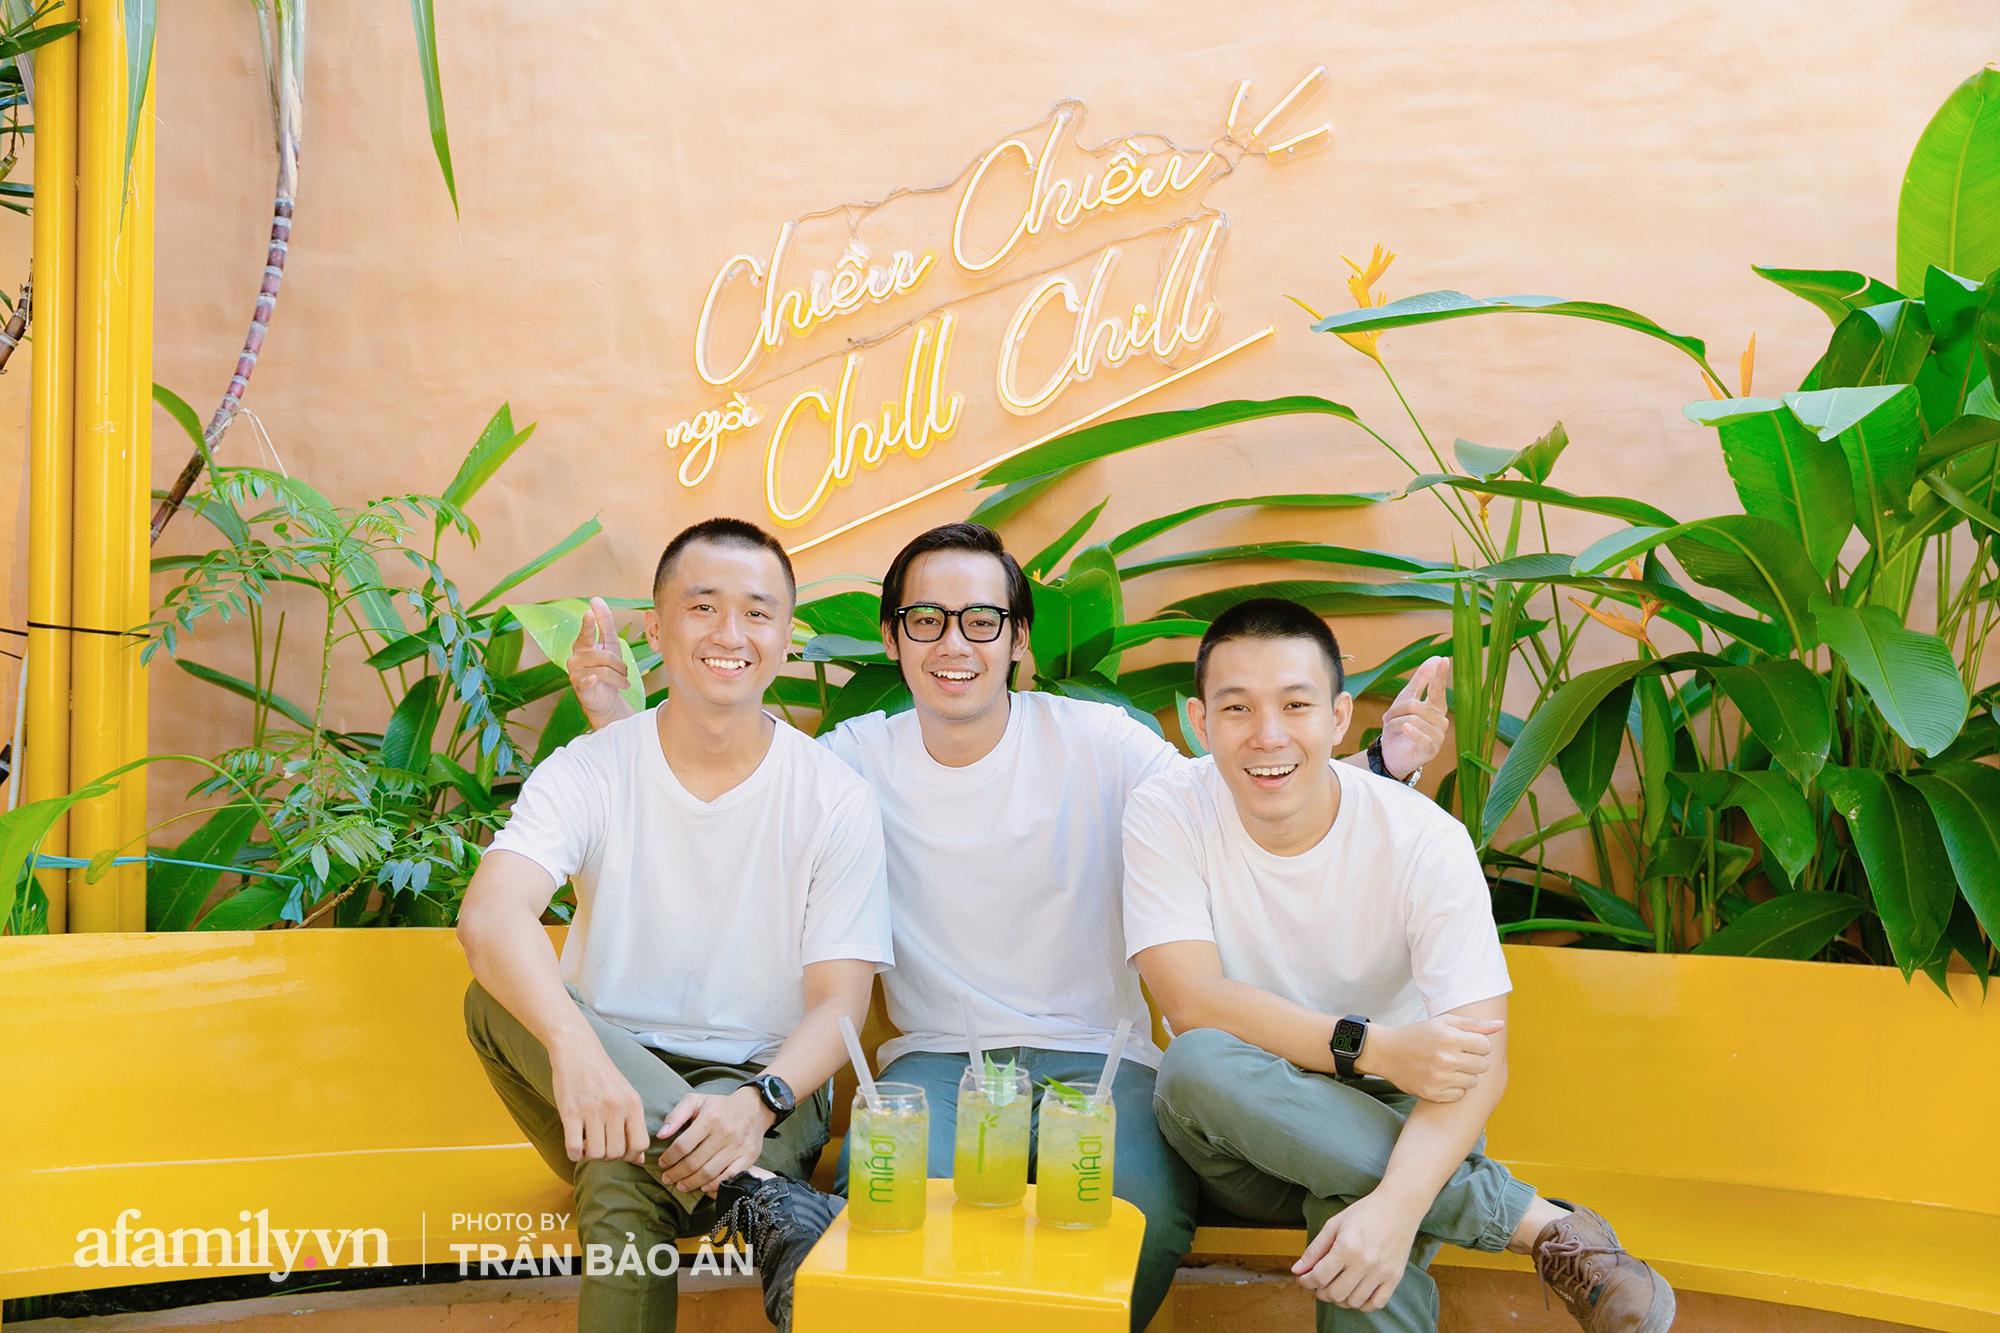 """3 chàng trai sở hữu tiệm nước mía lạ nhất Sài Gòn, ai đi qua đều trầm trồ vì """"đẹp vầy tưởng công viên"""",  - Ảnh 1."""